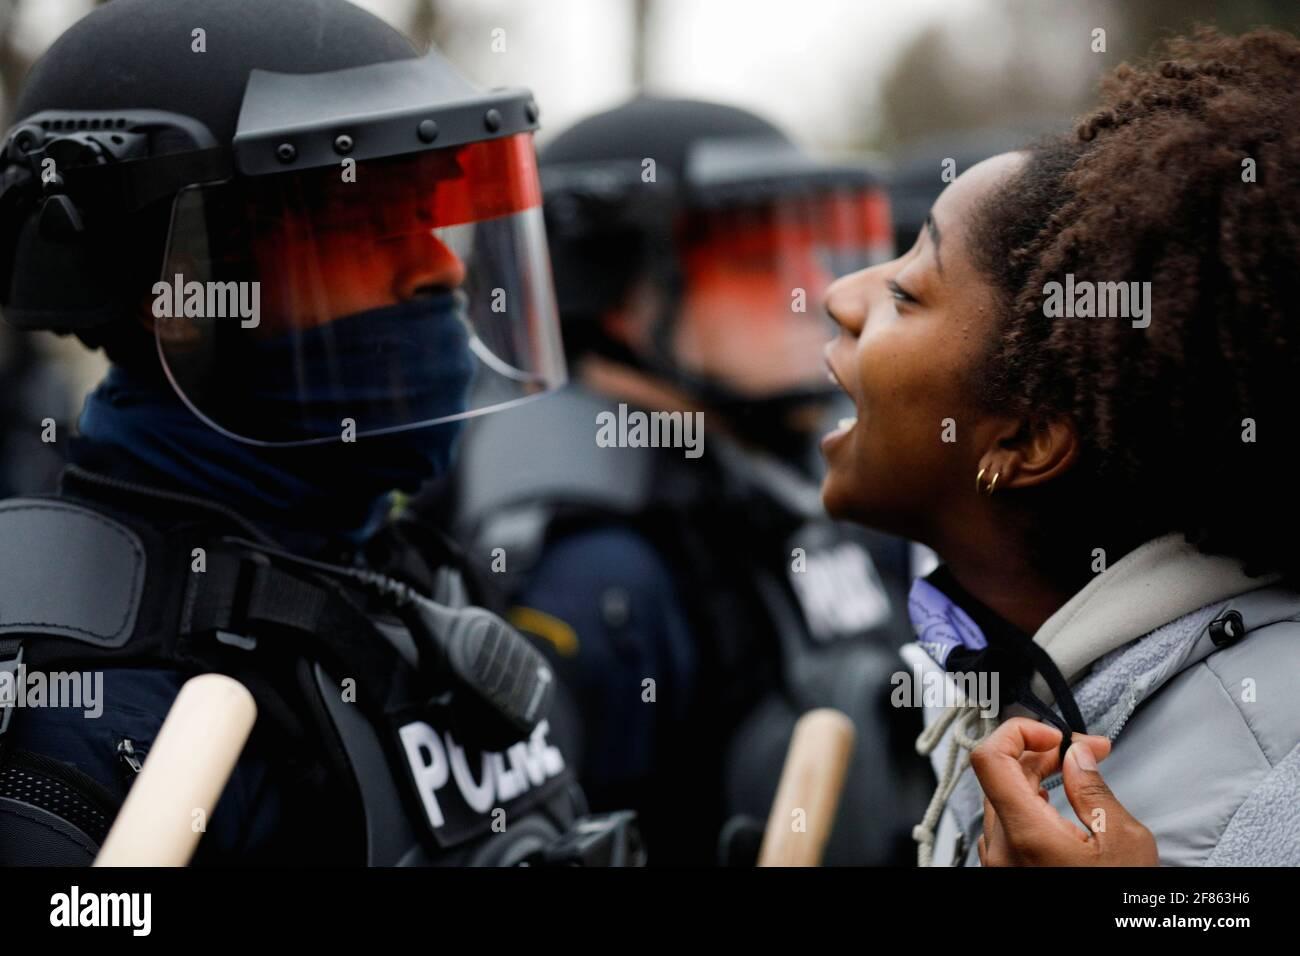 Un manifestante affronta la polizia durante una protesta dopo che la polizia avrebbe sparato e ucciso un uomo, che i media locali sono identificati dalla madre della vittima come Daunte Wright, nel Brooklyn Center, Minnesota, Stati Uniti, aprile 11, 2021. REUTERS/Nick Pfosi Foto Stock